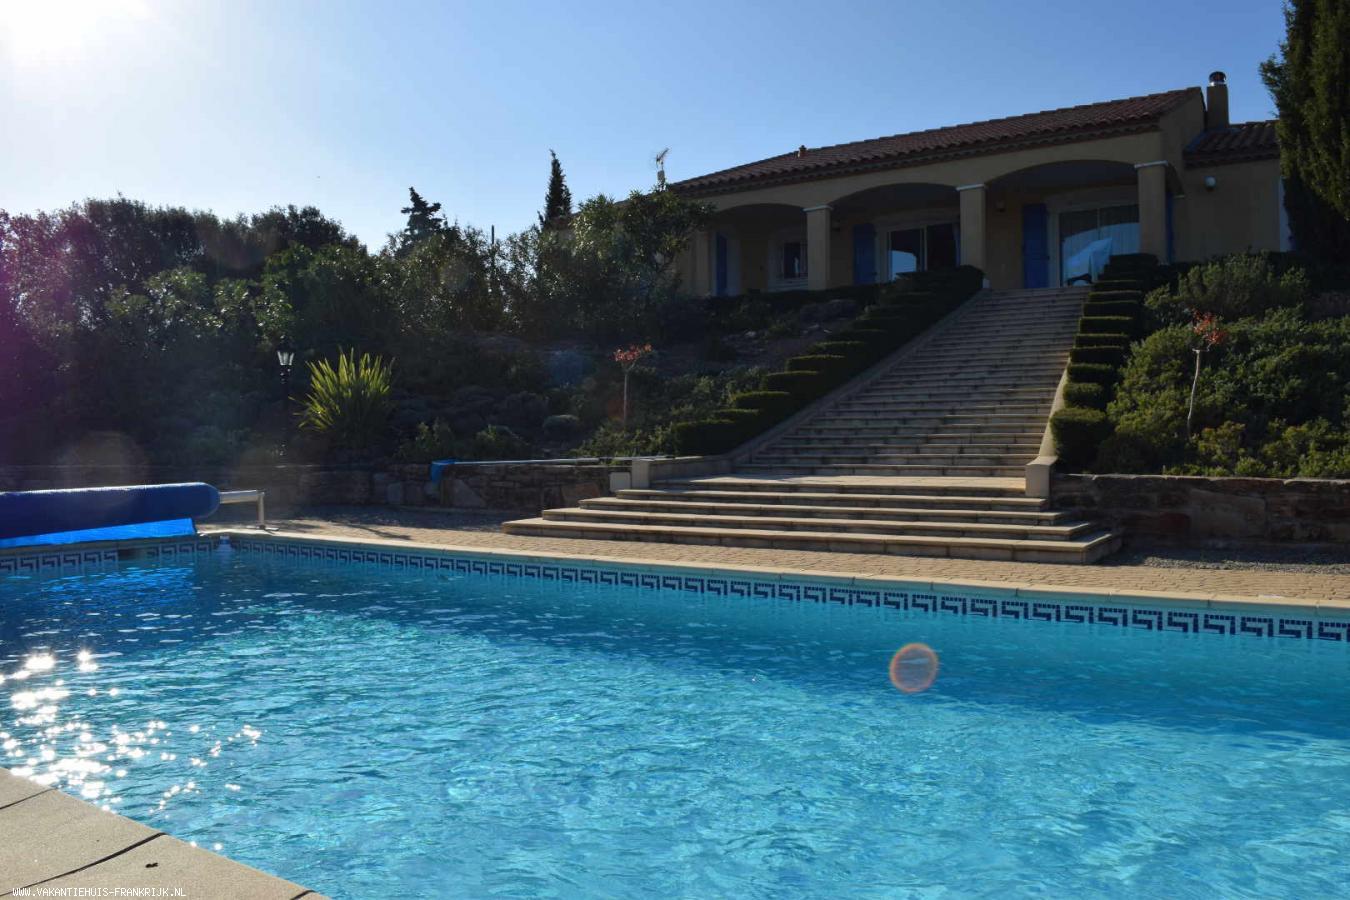 Vakantiehuis: geweldige, mooi verzorgde villa met privacy, prachtig uitzicht en groot, verwarmd zwembad te huur voor uw vakantie in Herault (Frankrijk)